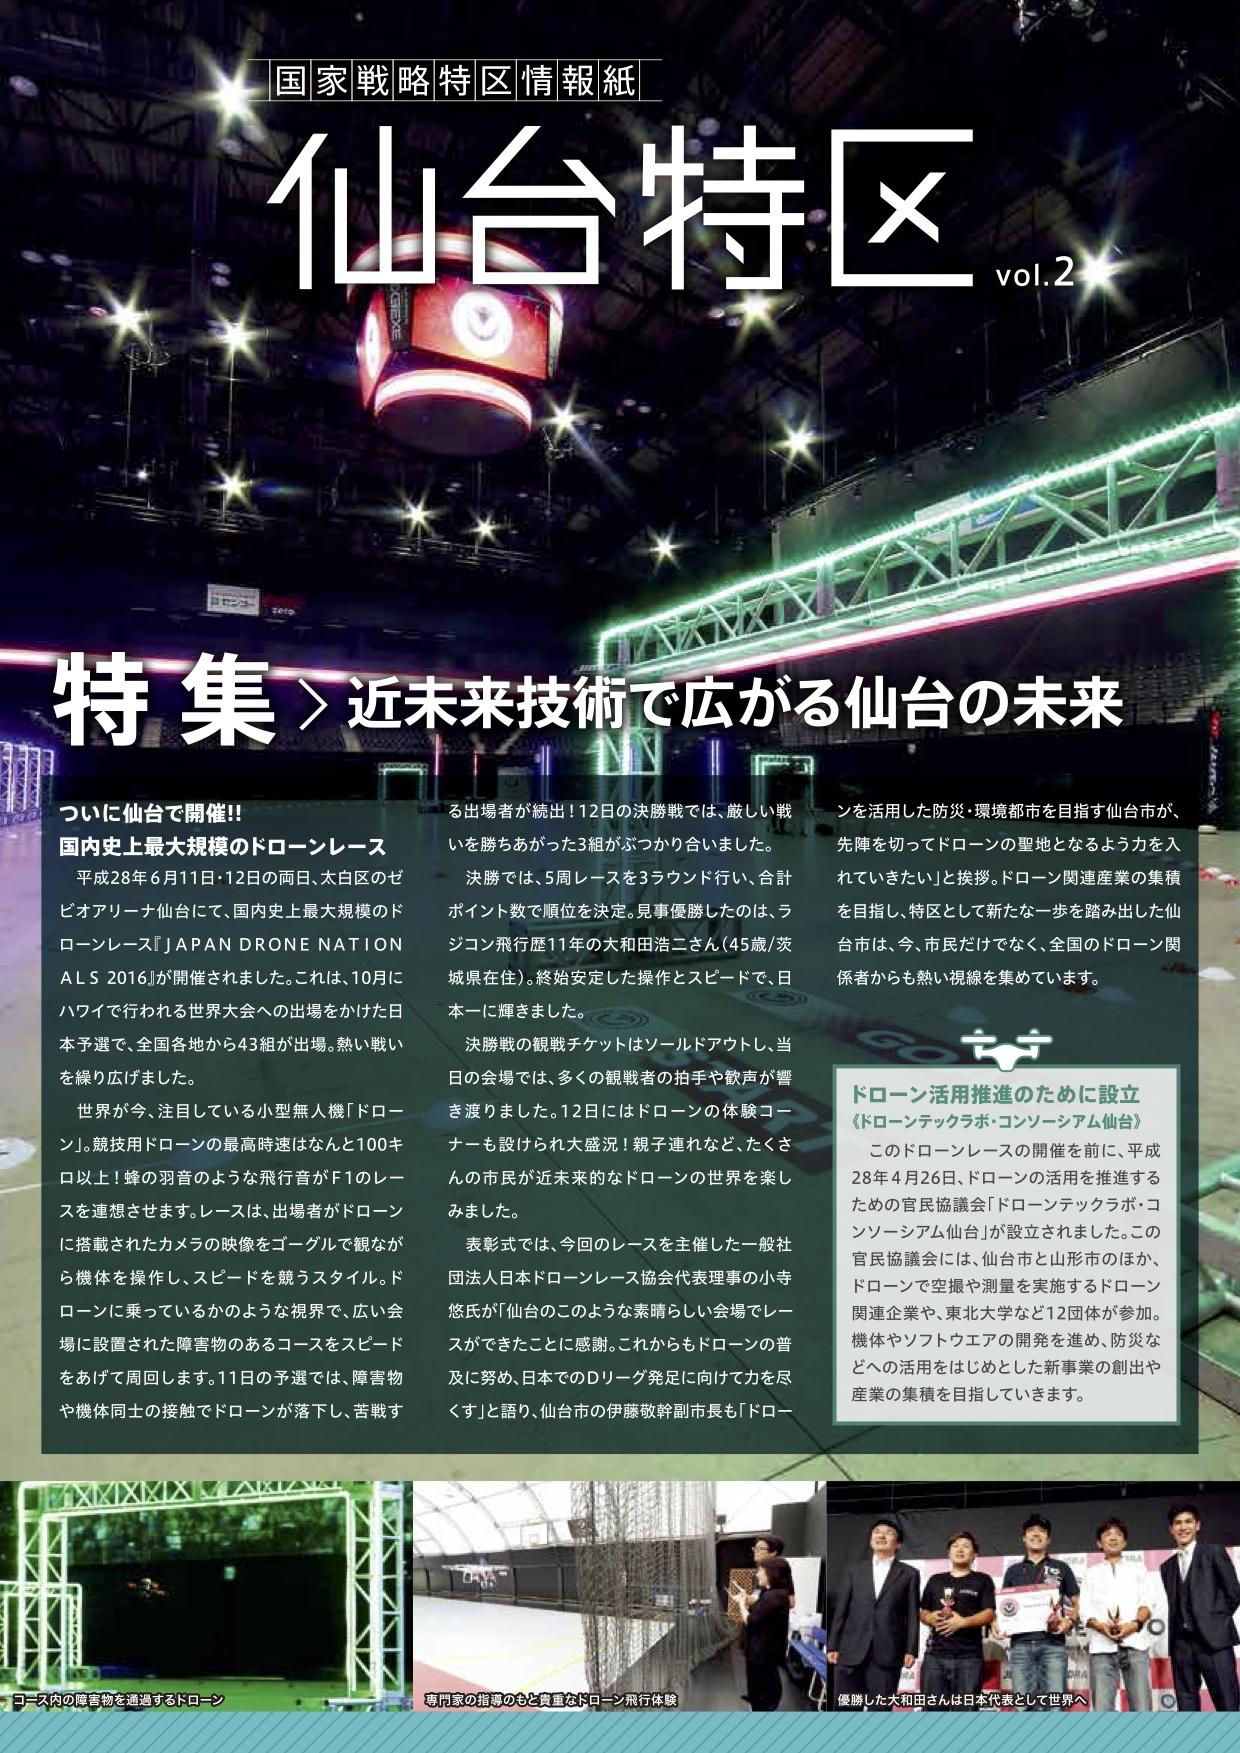 情報紙仙台特区vol.2